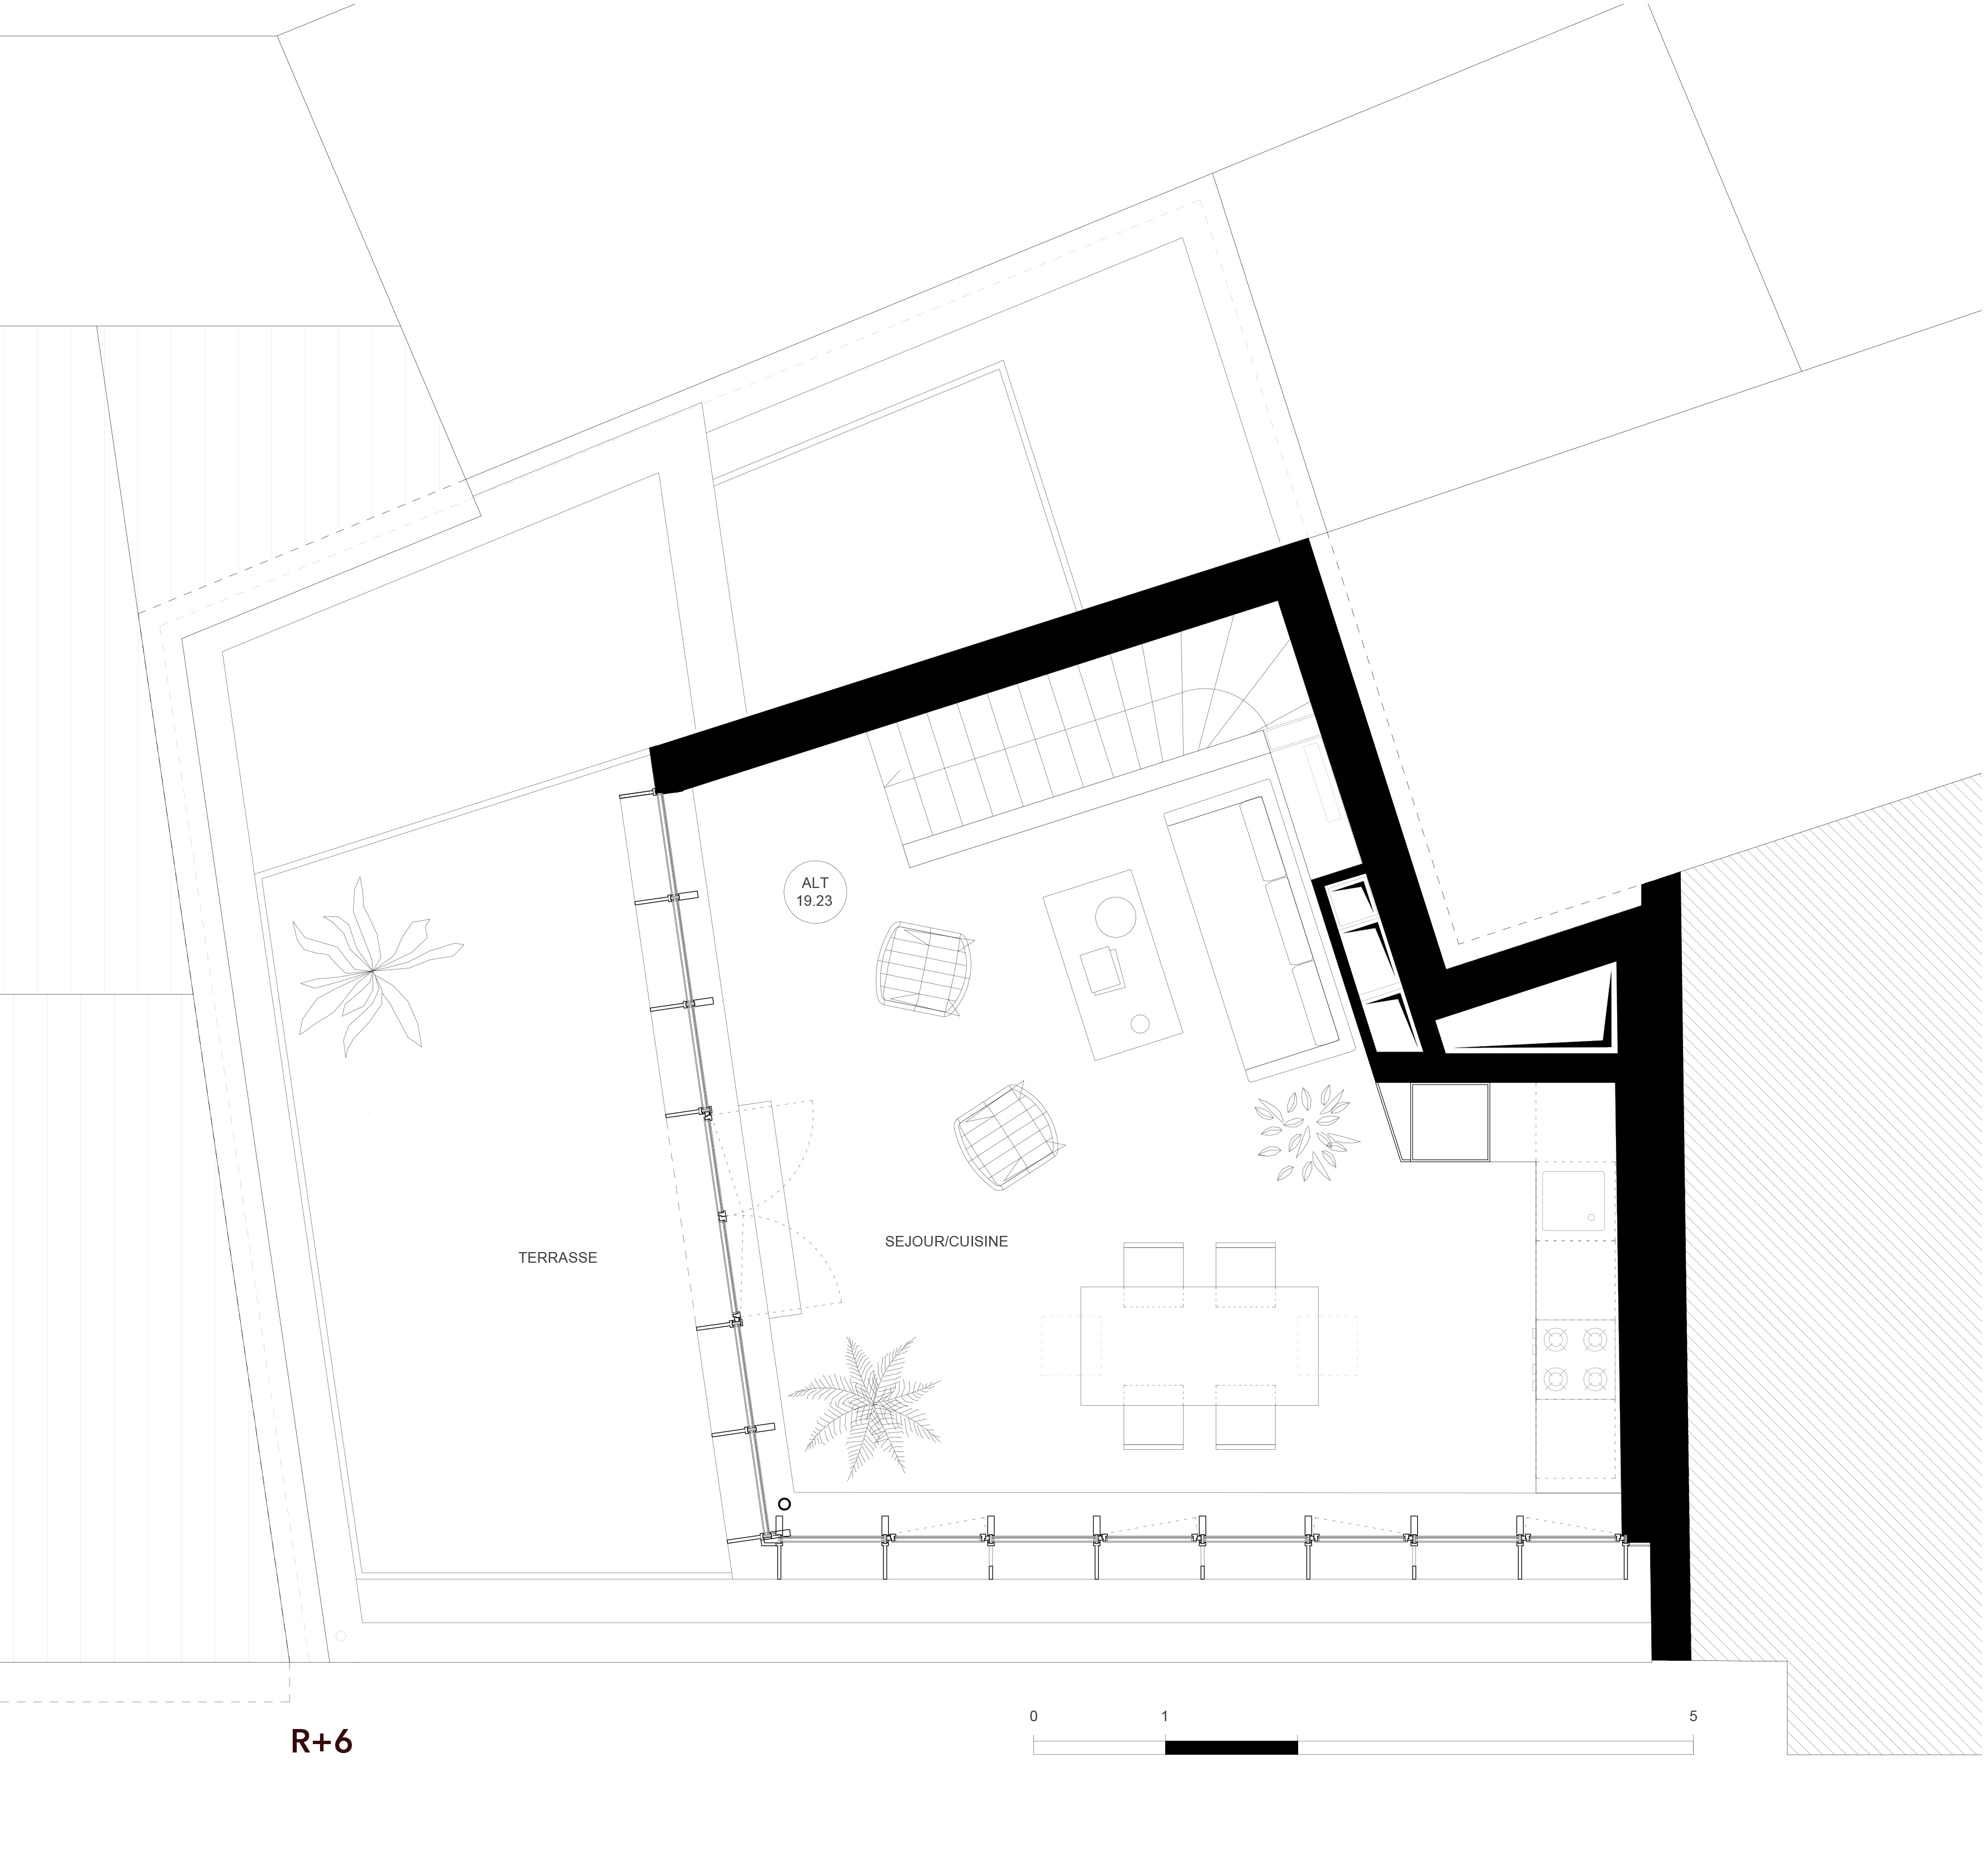 AVW_Quai-du-Hainaut_Plan-R+6